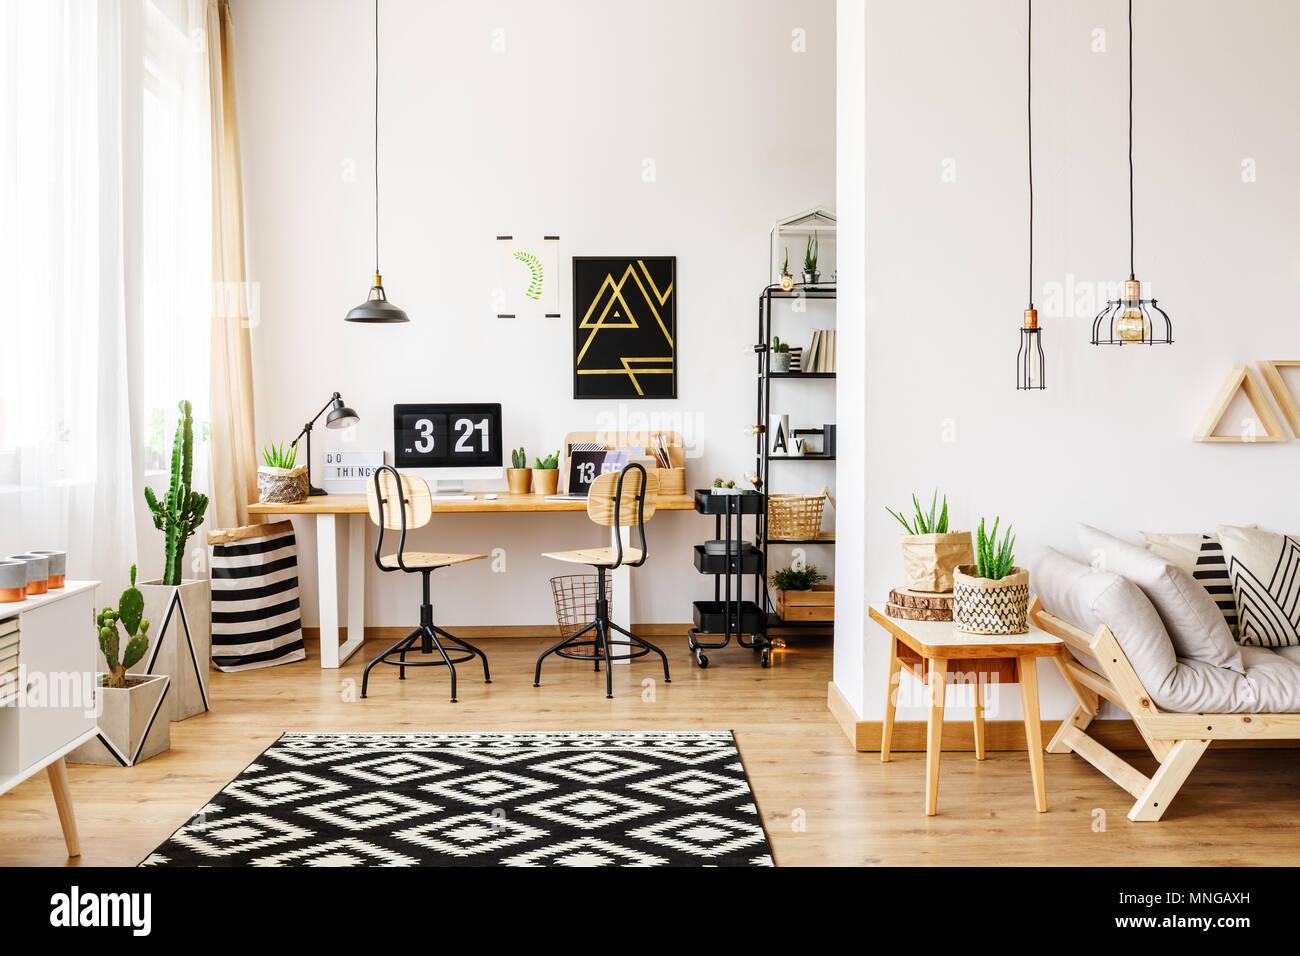 Moderne Zimmer Im Skandinavischen Stil Mit Office Einrichtung Mit